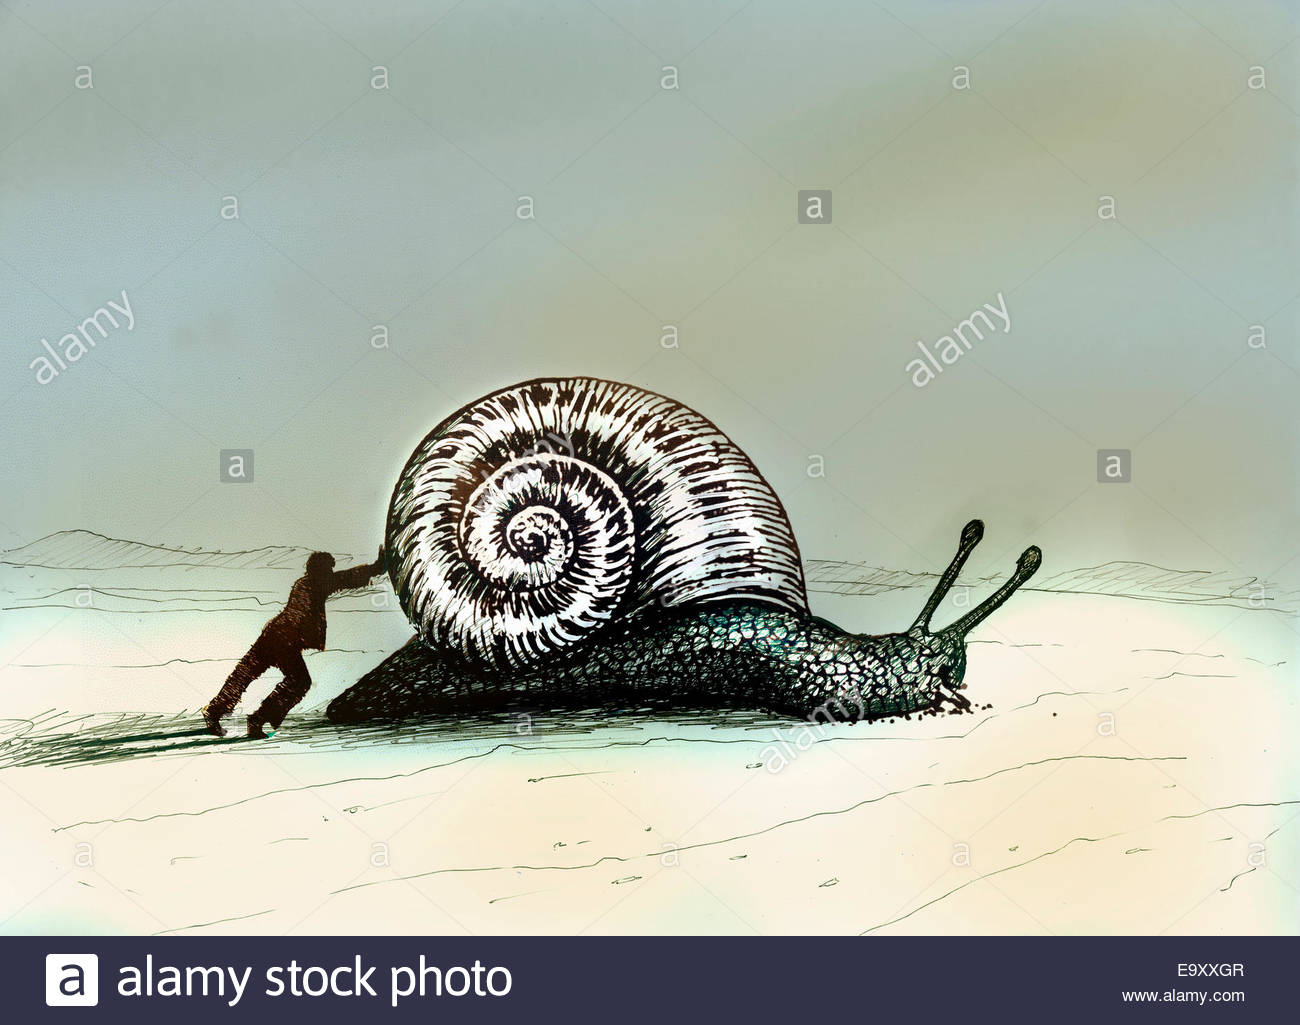 Man pushing enormous snail - Stock Image